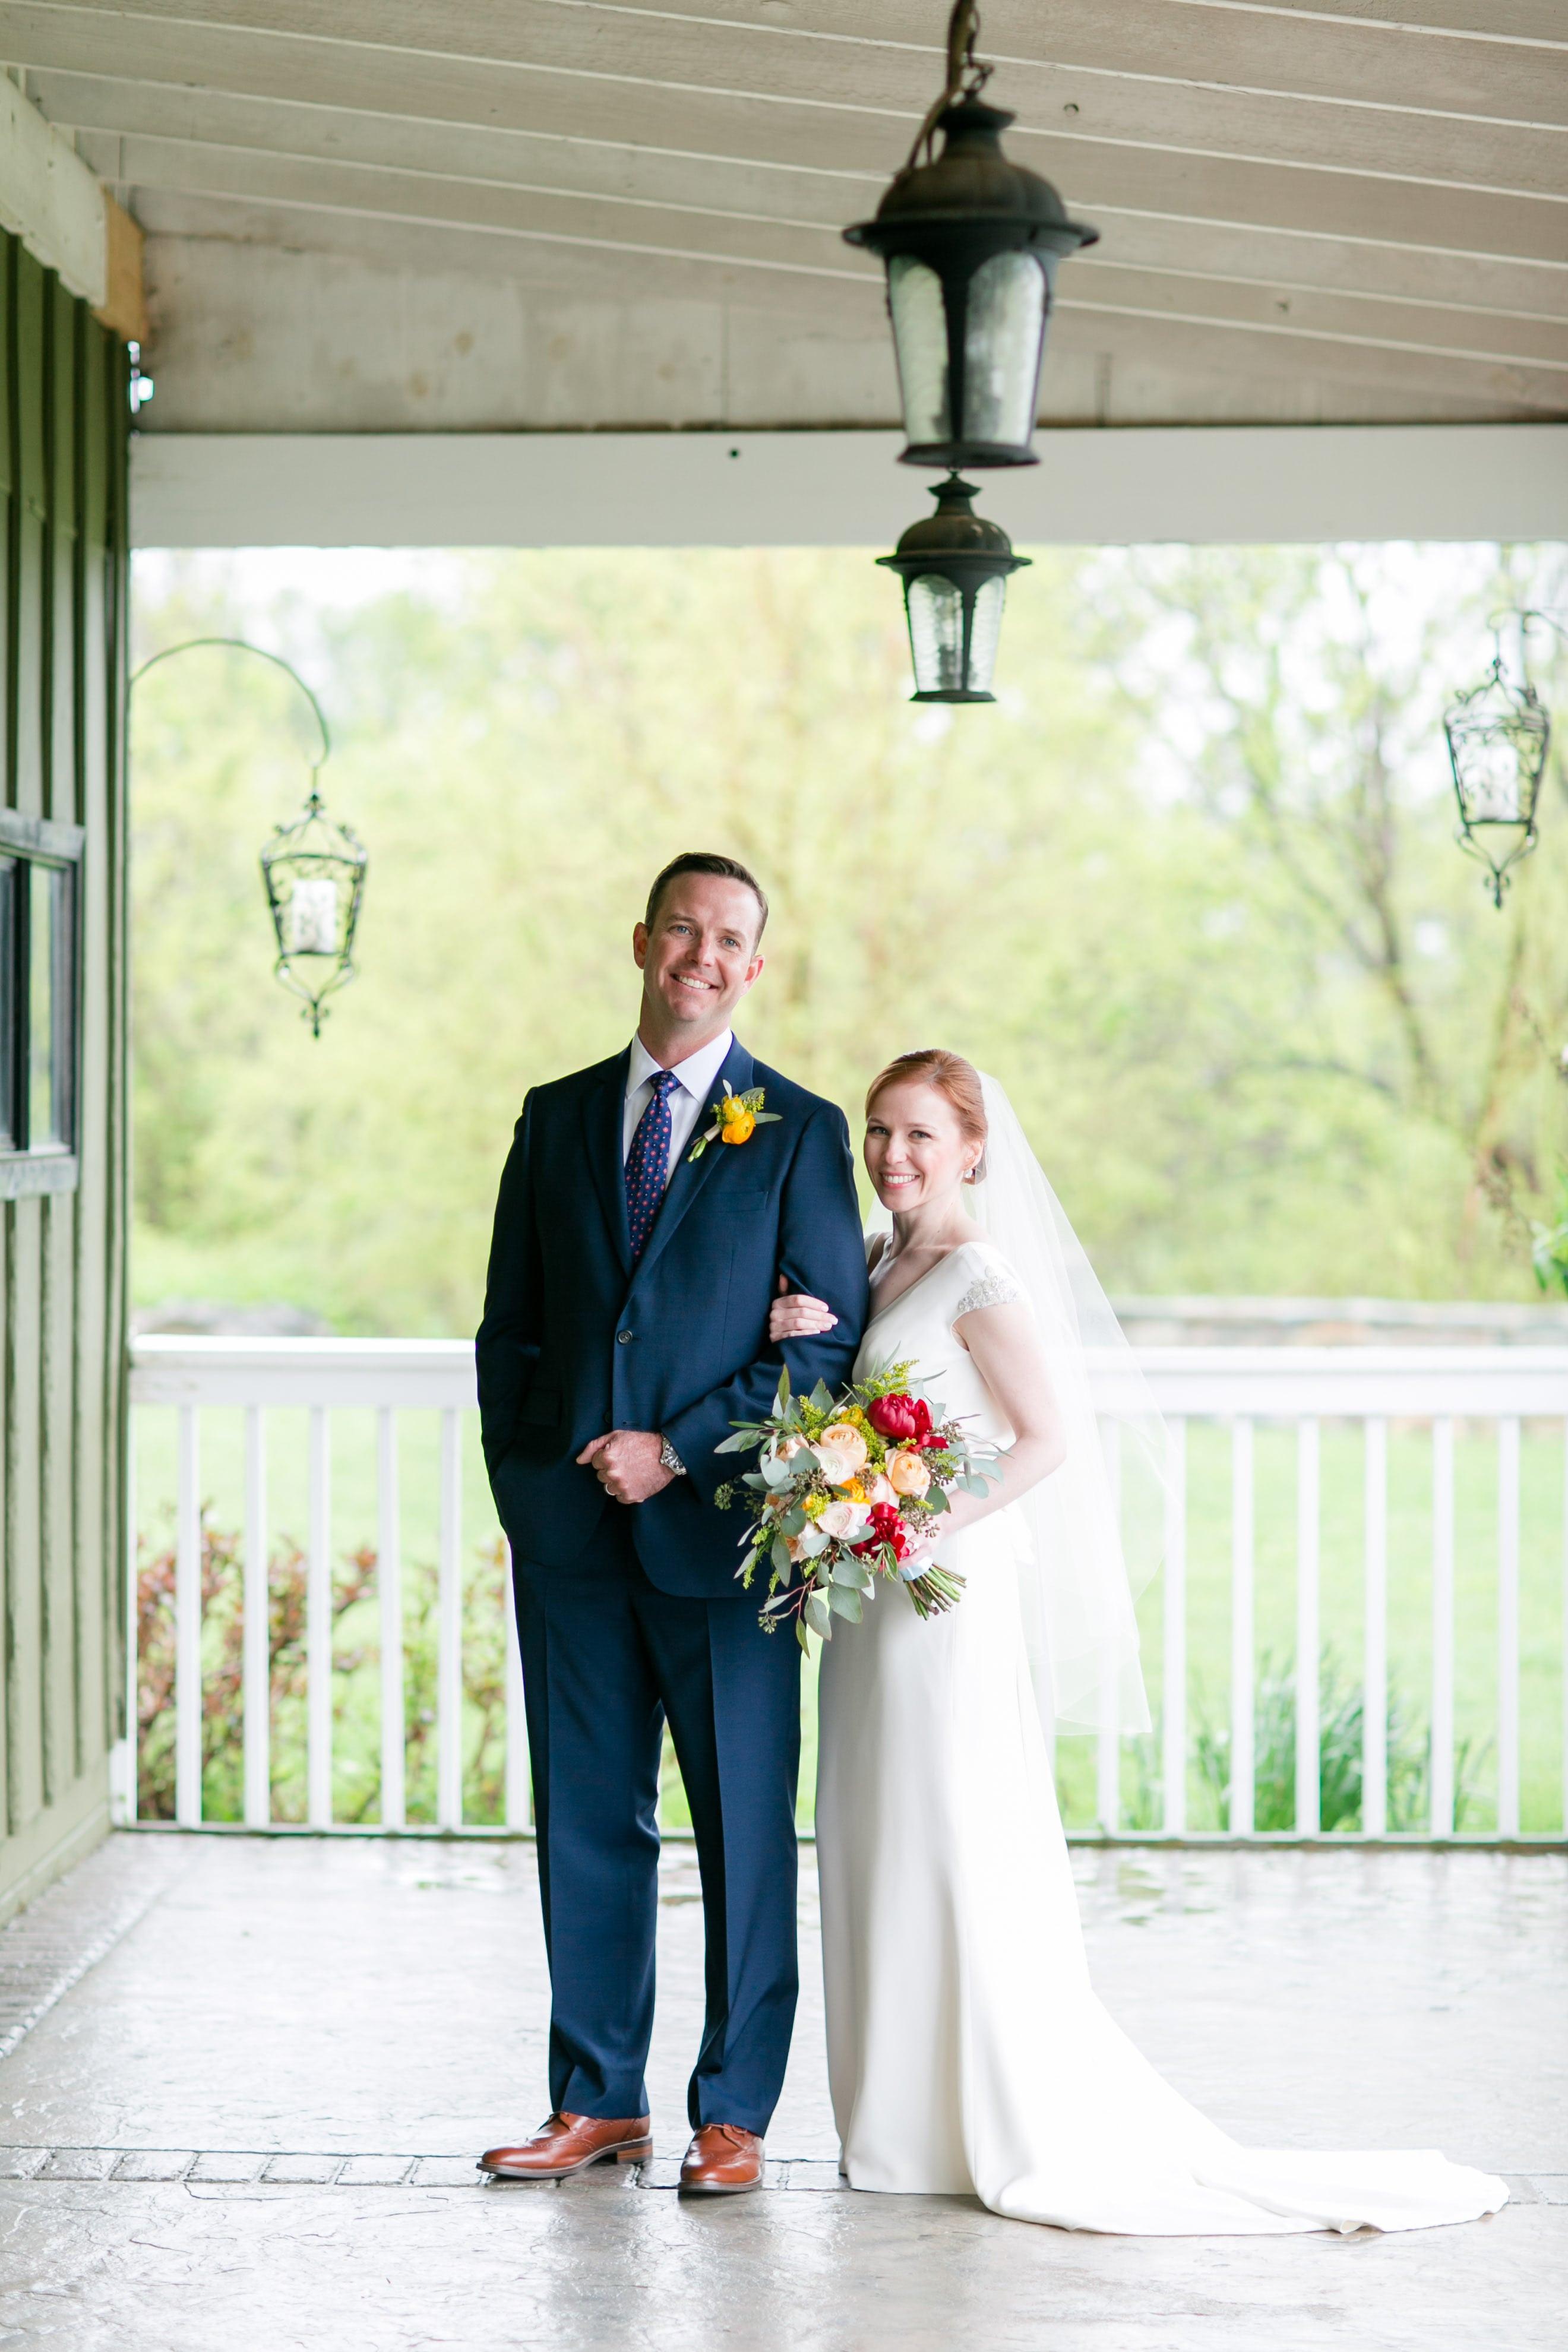 Mr. & Mrs. Schaper-7962